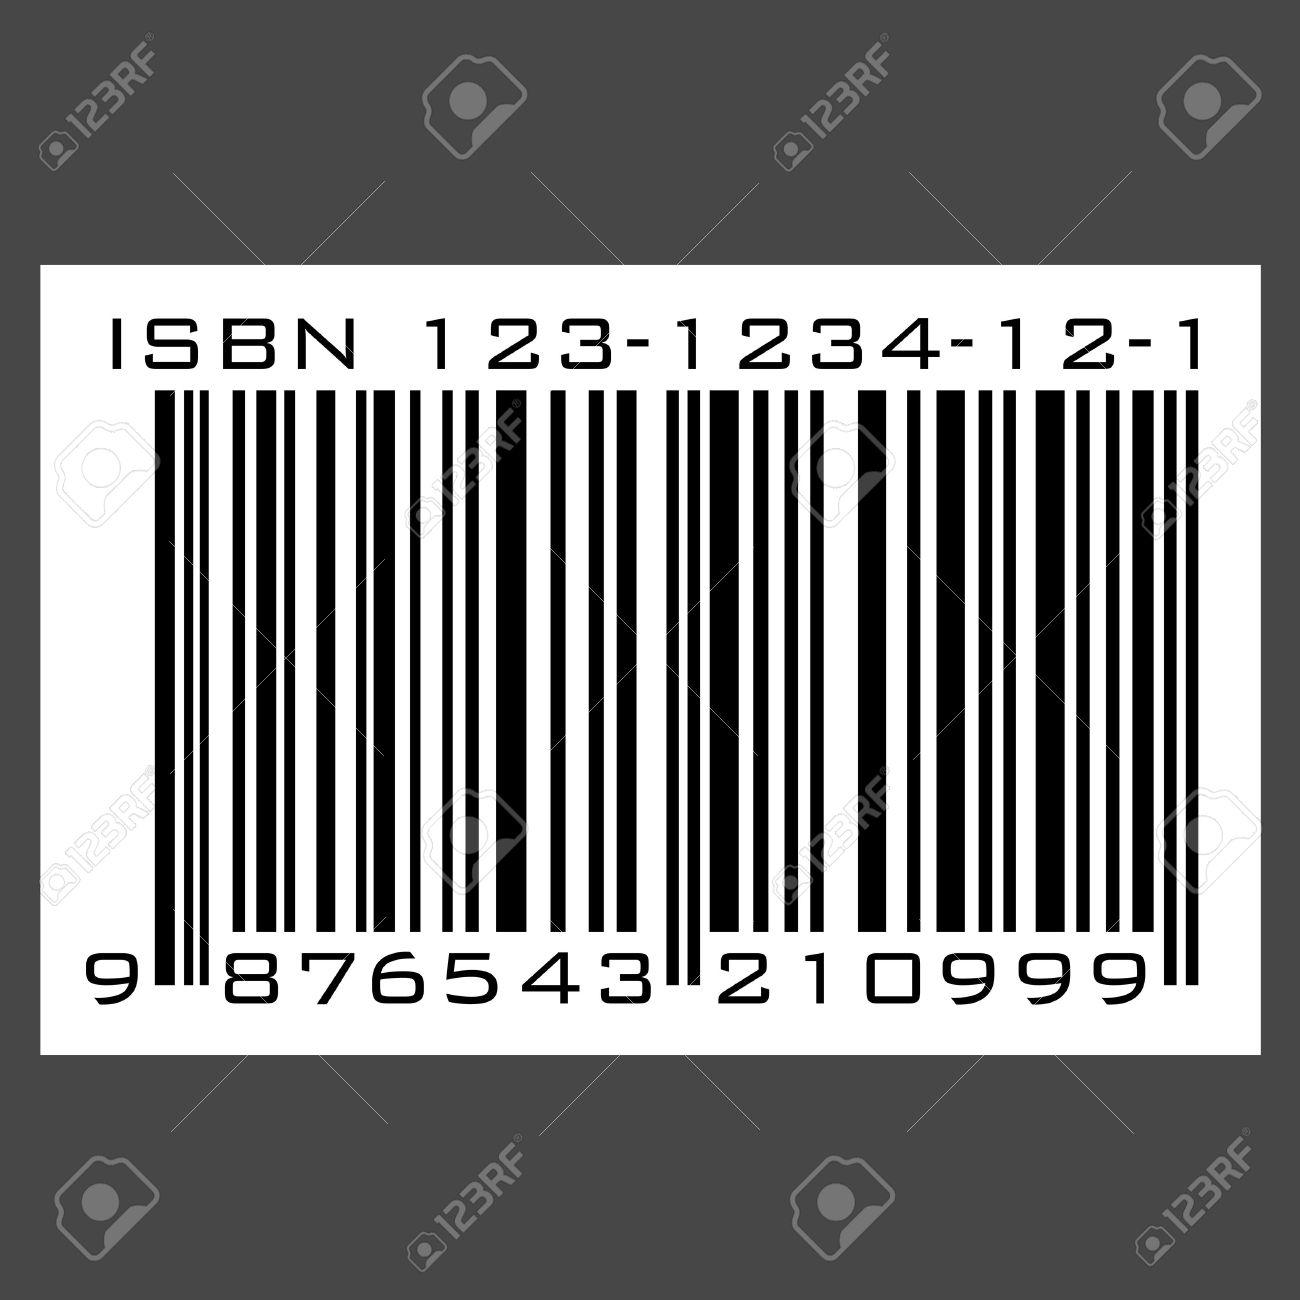 ISBN barcode - vector